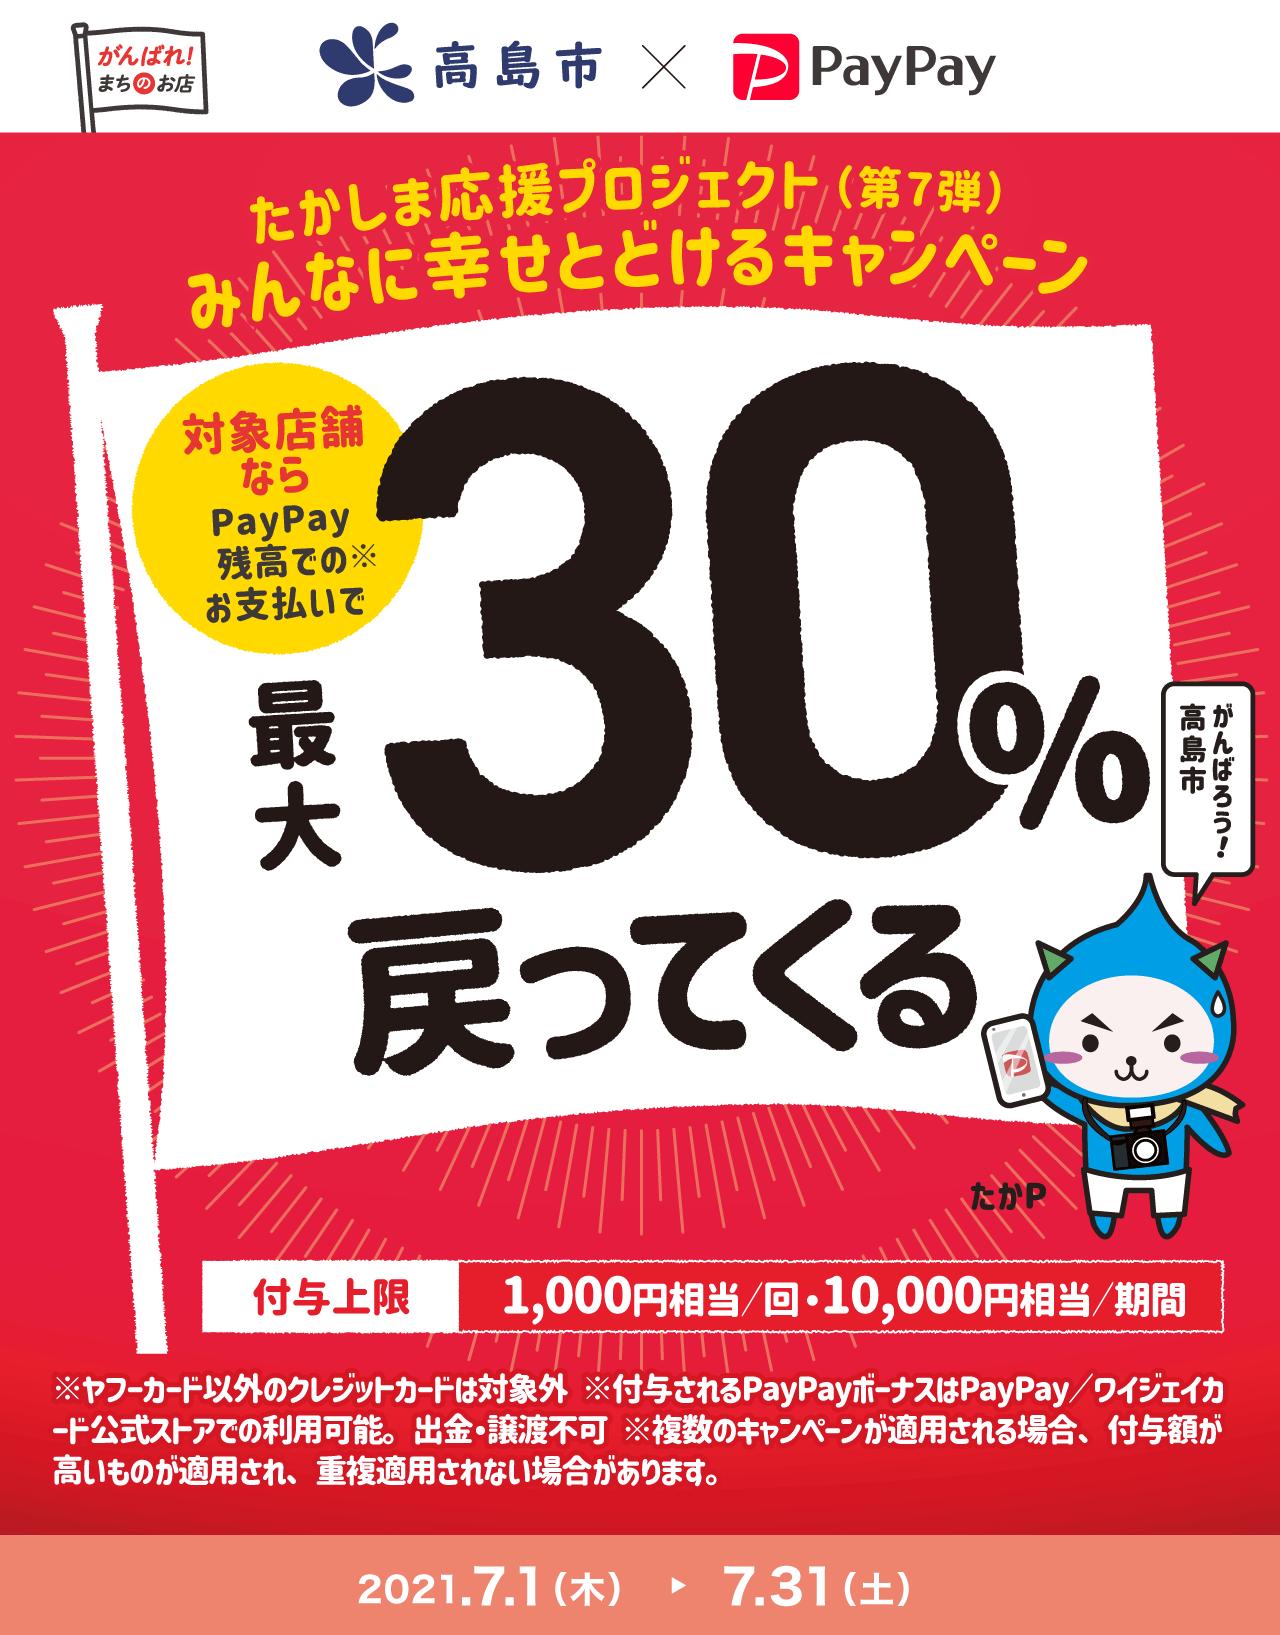 たかしま応援プロジェクト(第7弾)みんなに幸せ届けるキャンペーン 対象店舗ならPayPay残高でのお支払いで最大30%戻ってくる